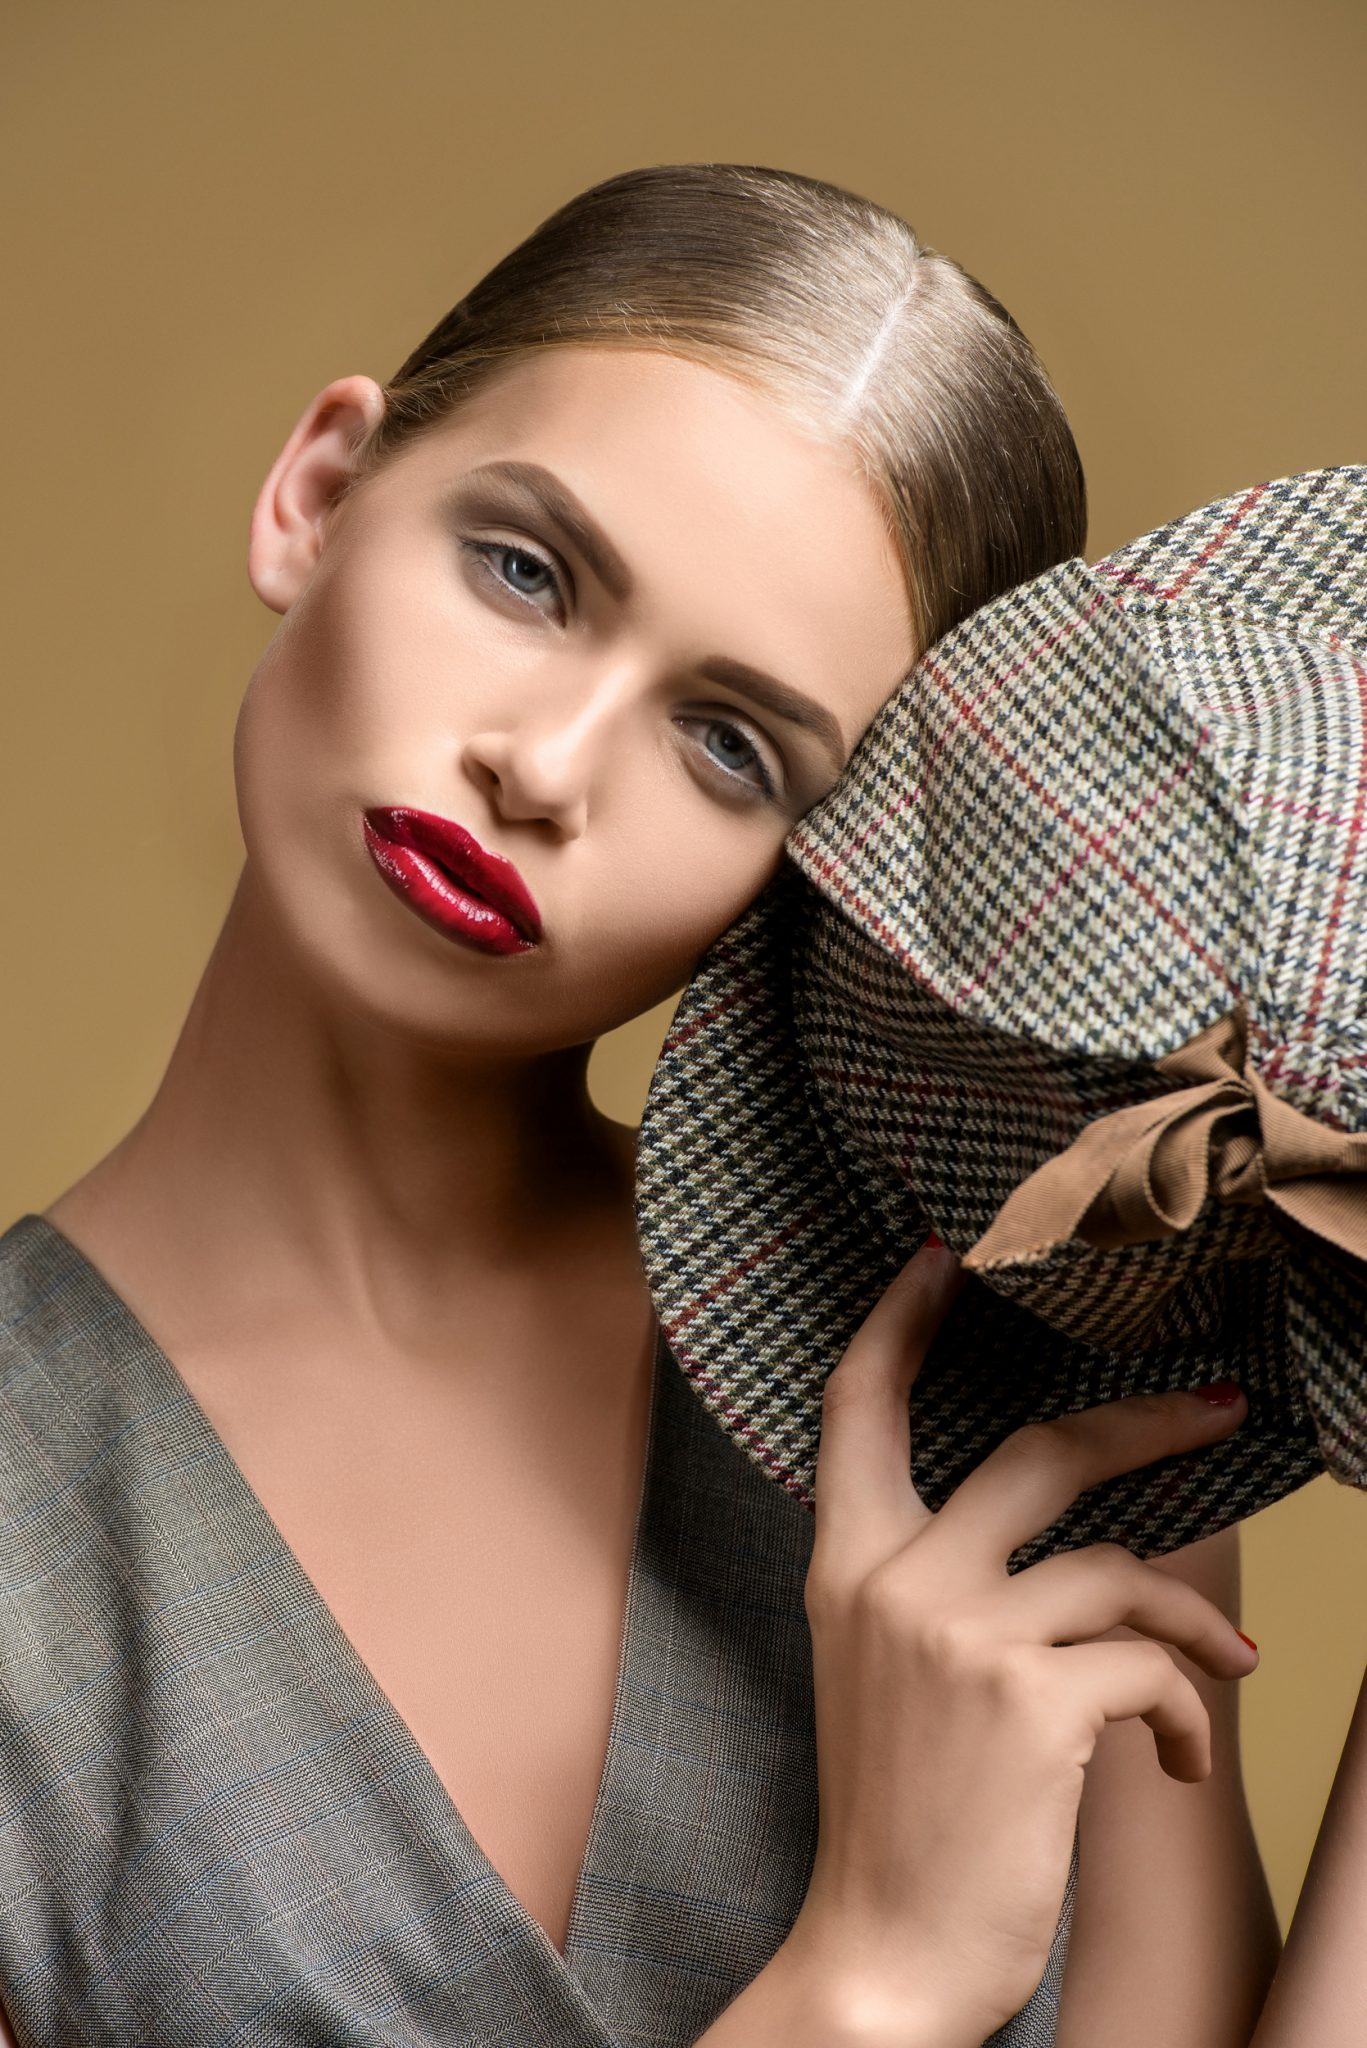 Модельное портфолио девушка с кепкой на коричневом фоне